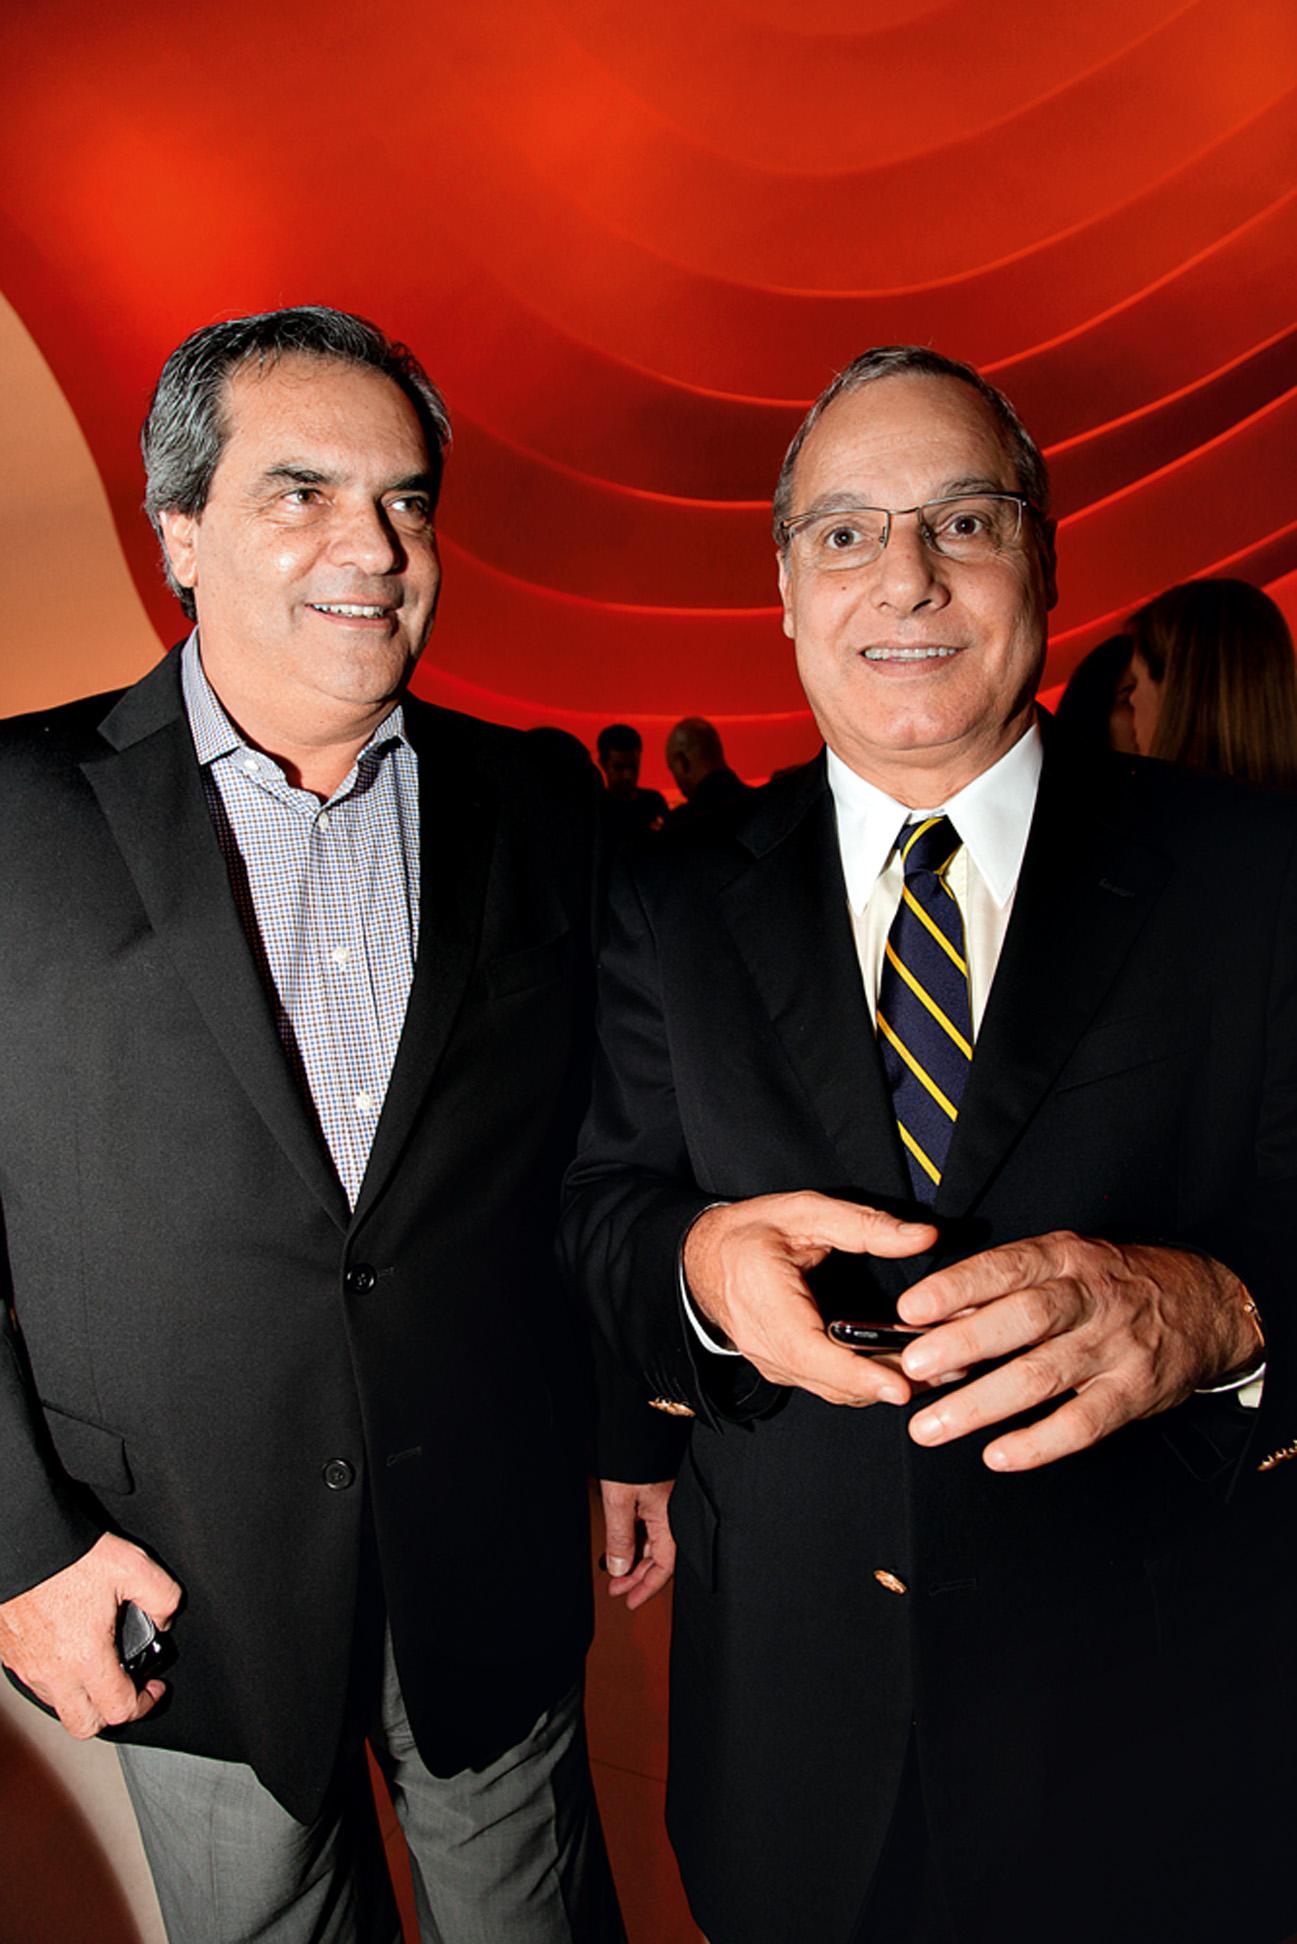 Carlos Nascimento e Álvaro Coelho da Fonseca